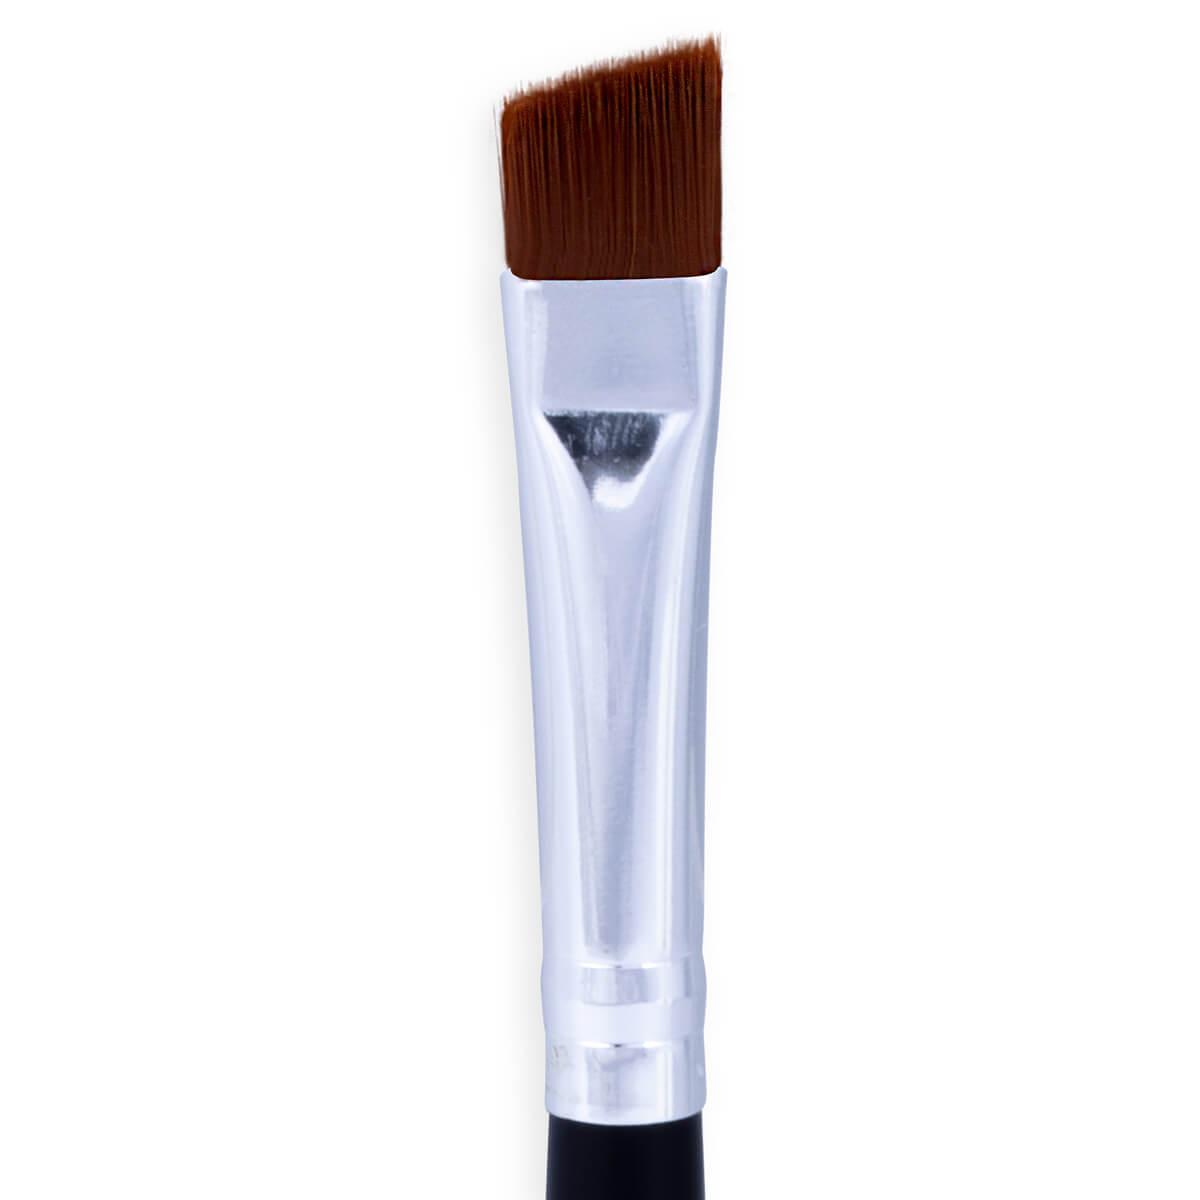 S173 - Pincel Precisão Profissional Sffumato Beauty